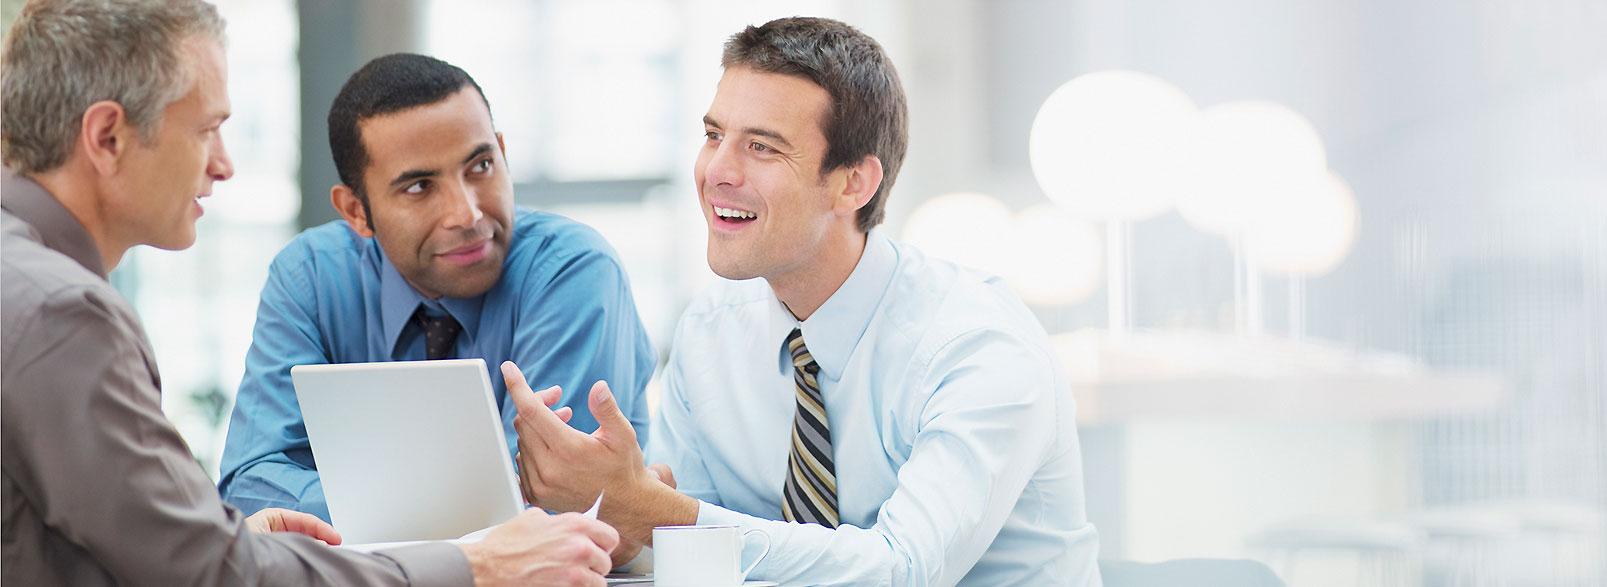 از همه الگوهای فرایند سازمان شما پشتیبانی می کند